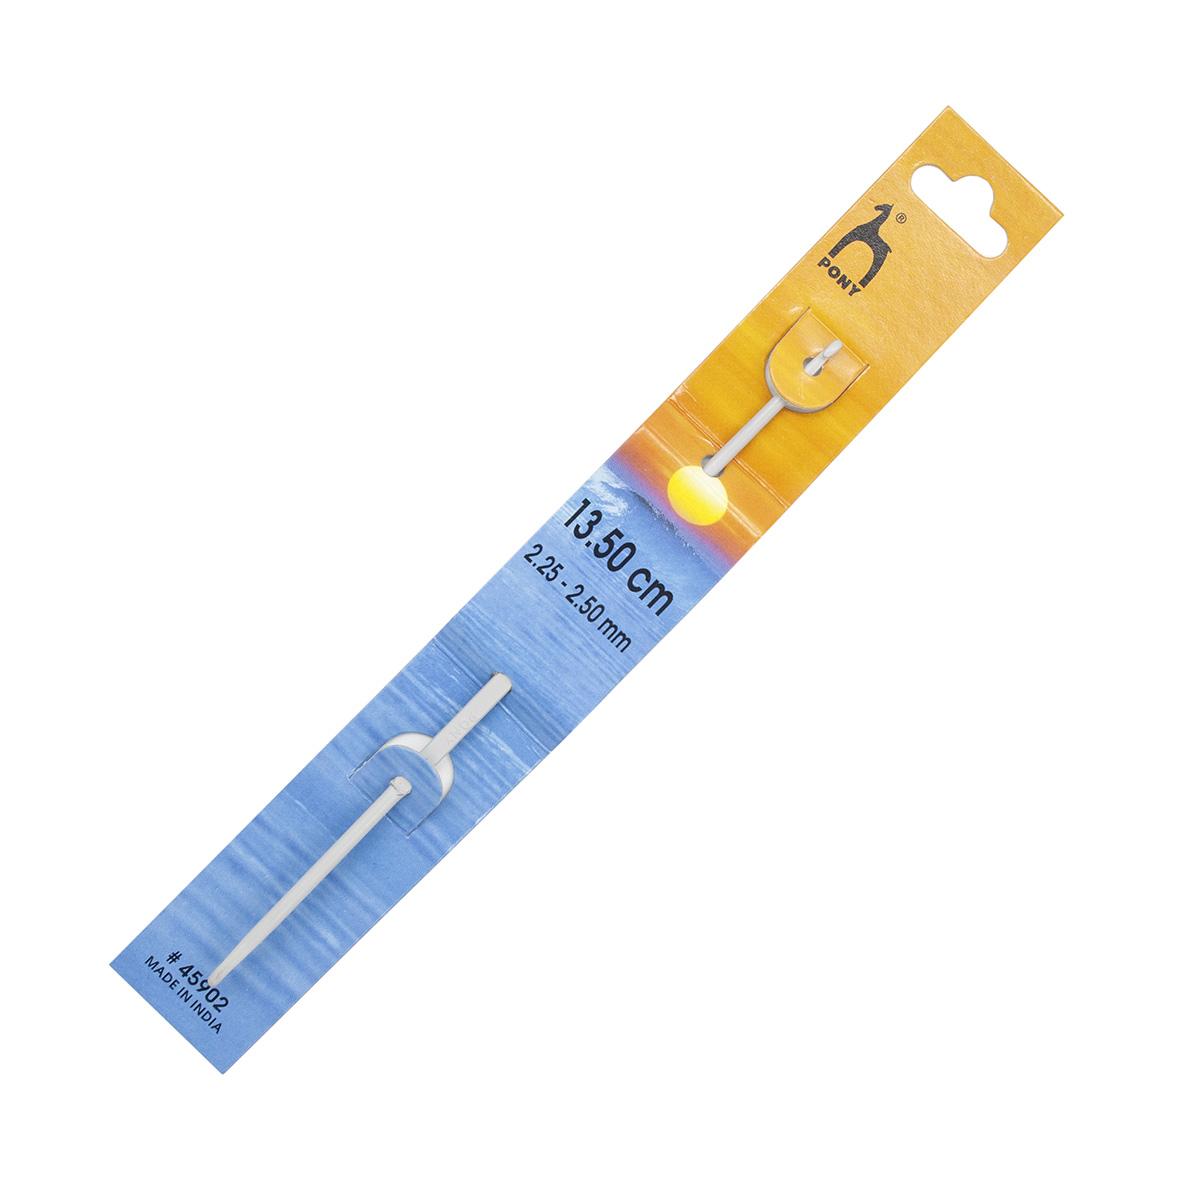 45902 Крючок вязальный двусторонний 2,25мм*2,50мм*13,5см, алюм. PONY